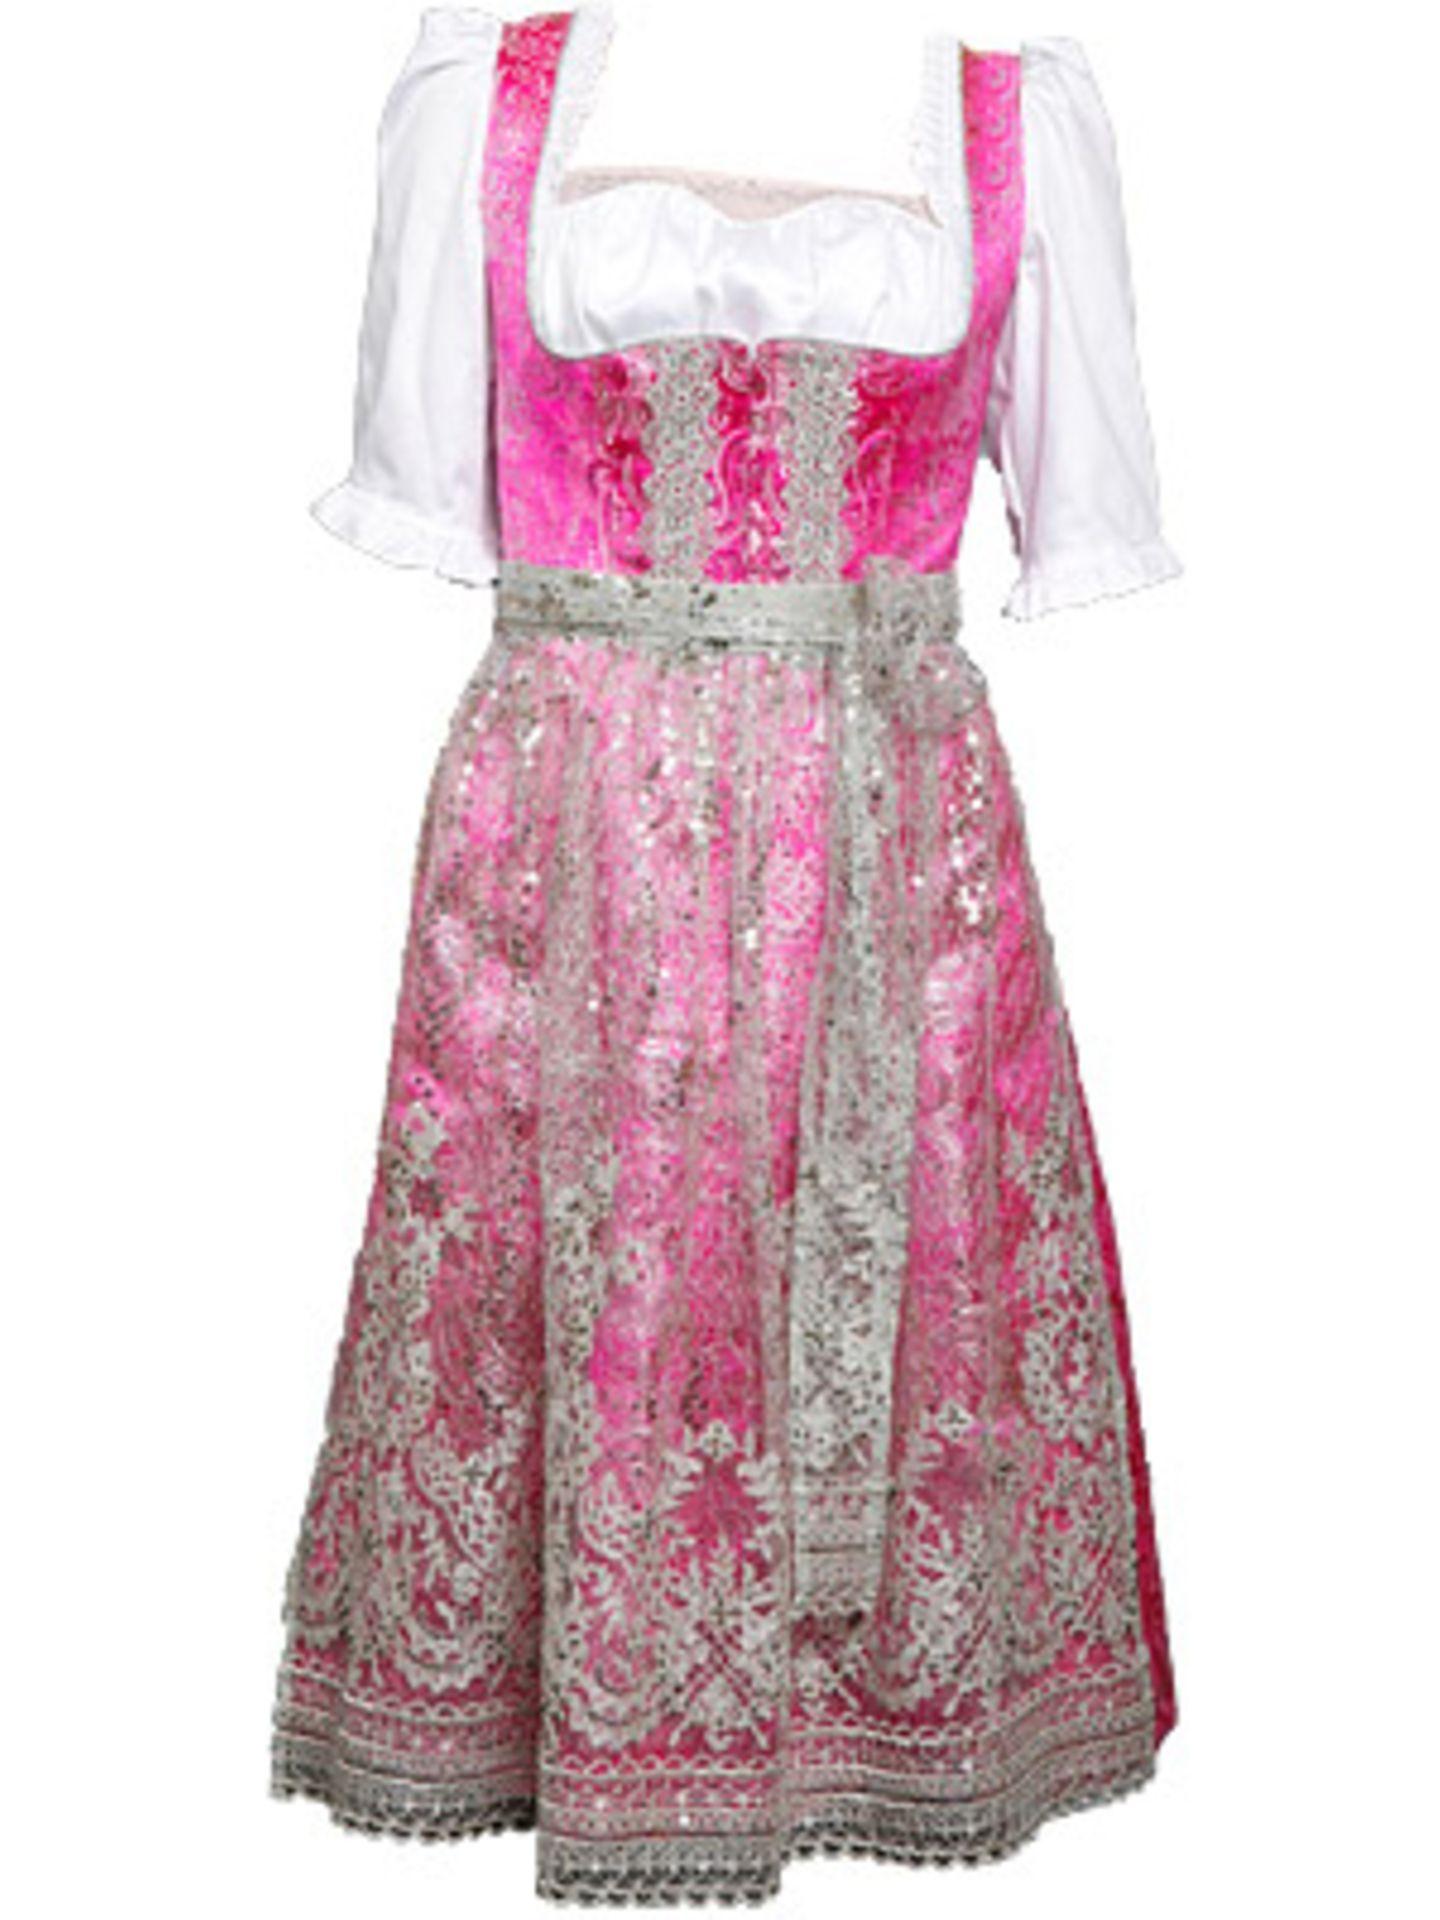 Aufwendig besticktes Dirndl in Pink von Berwin & Wolff, um 330 Euro. Bluse um 70 Euro.